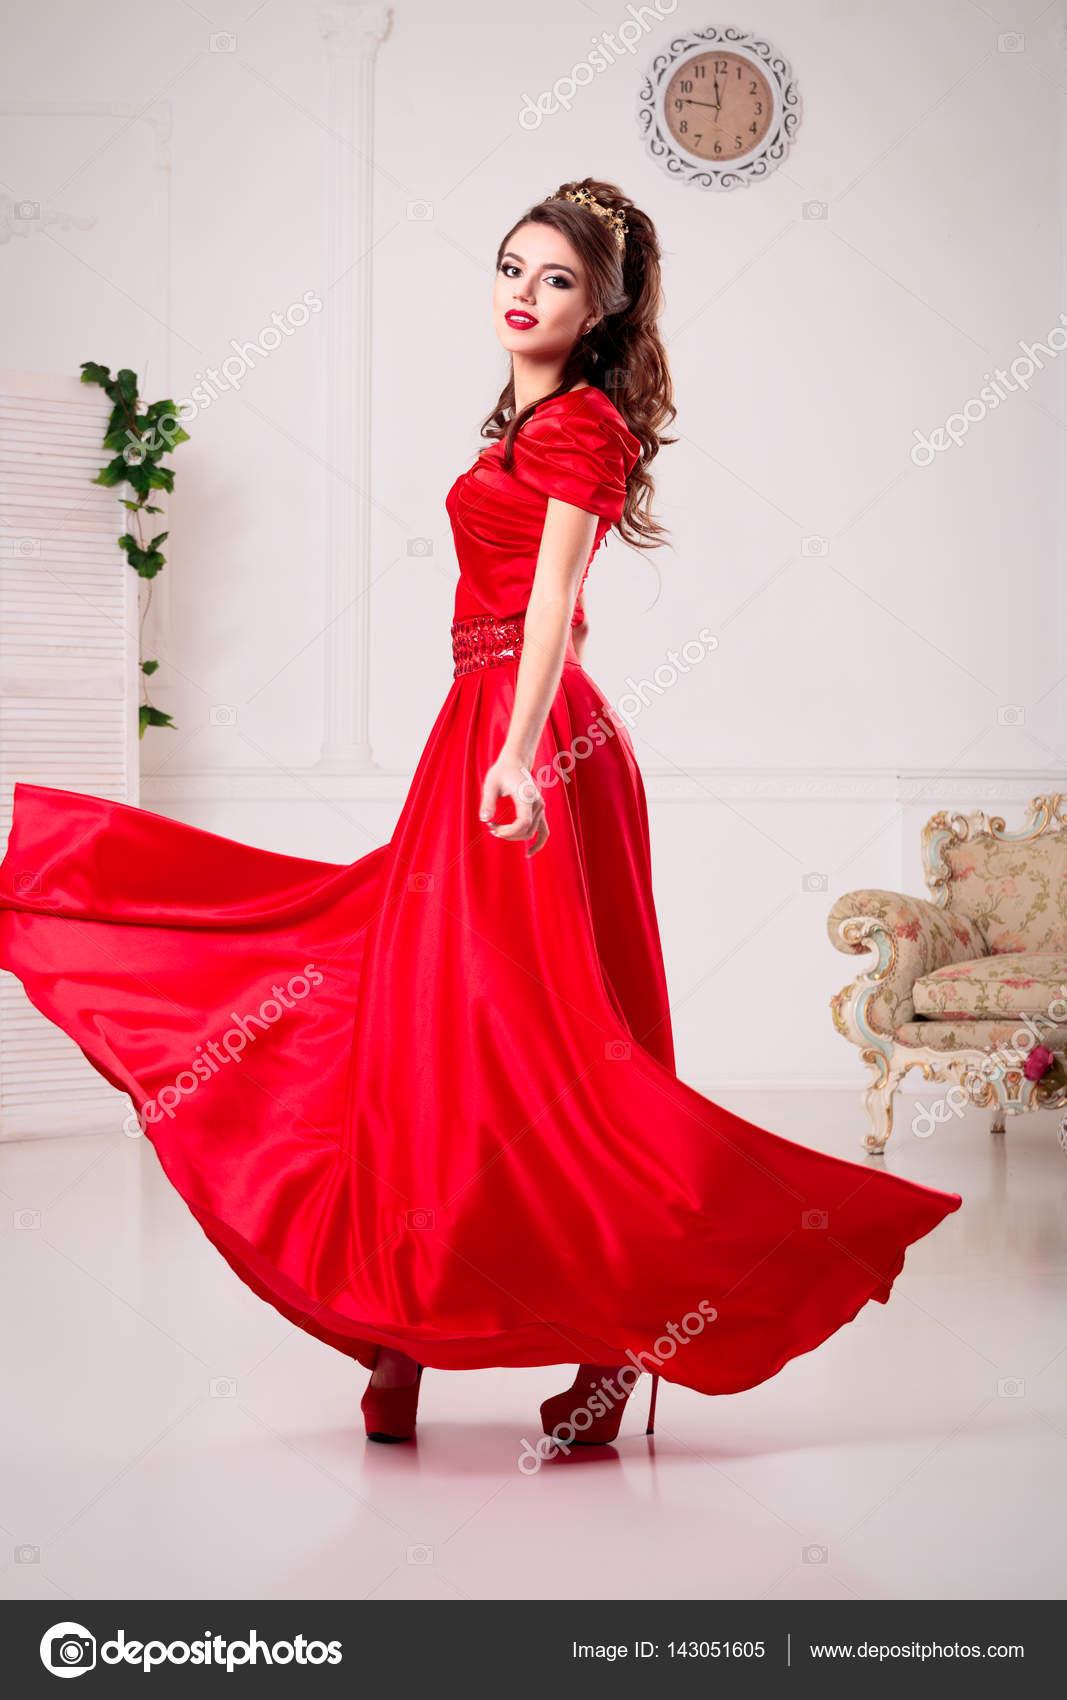 622b77107bf Une femme élégante dans une robe longue rouge est debout dans une salle  blanche chic